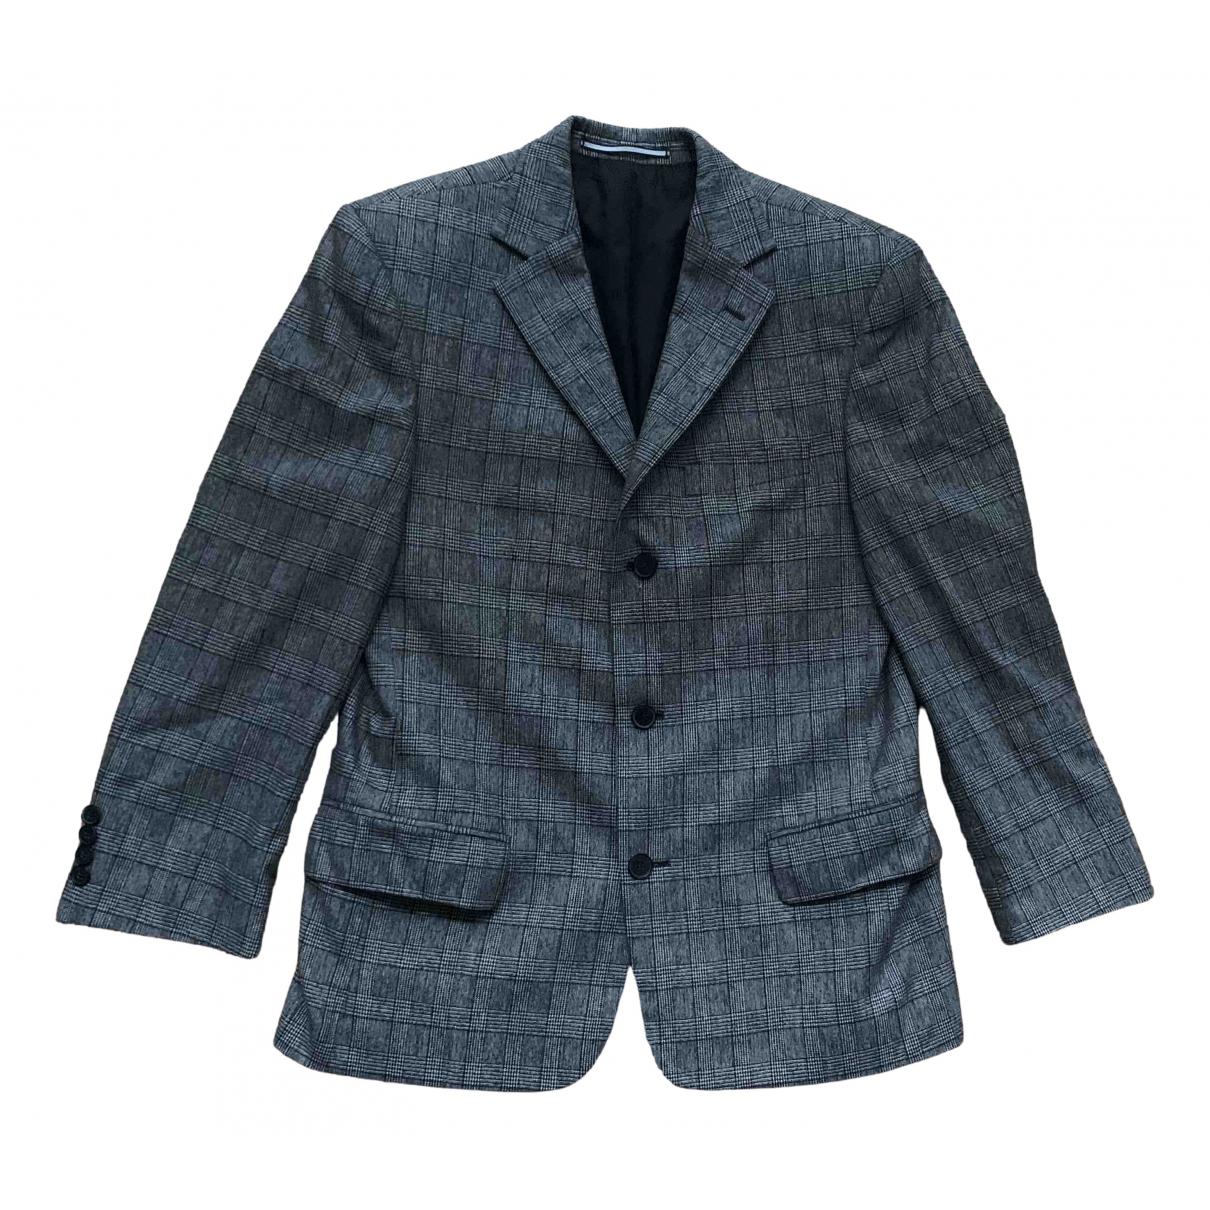 Karl Lagerfeld - Vestes.Blousons   pour homme en laine - gris